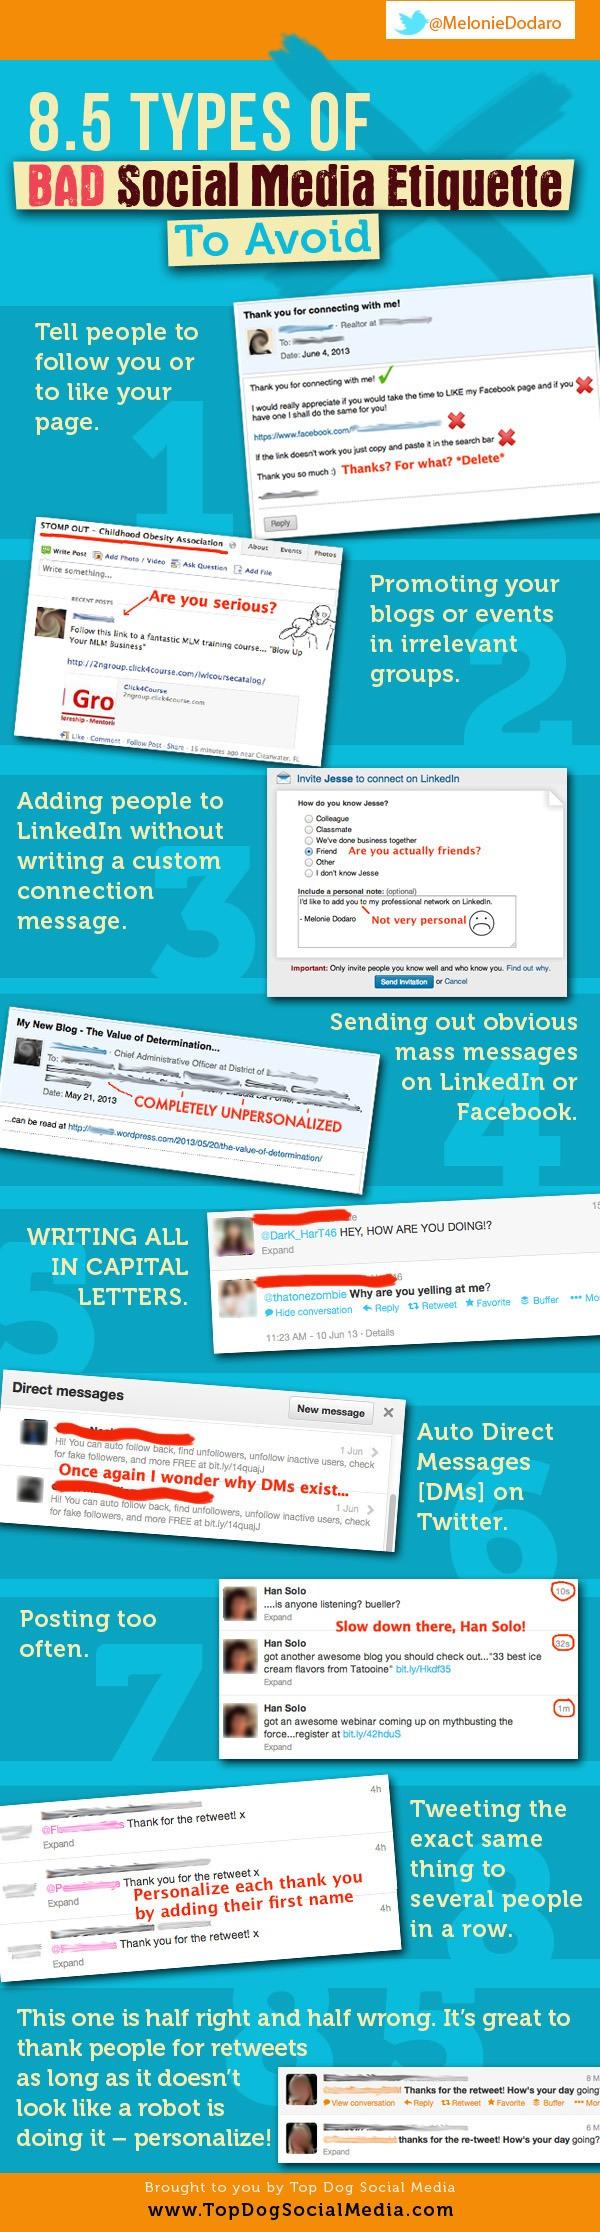 Social-Media Etiquette To Avoid